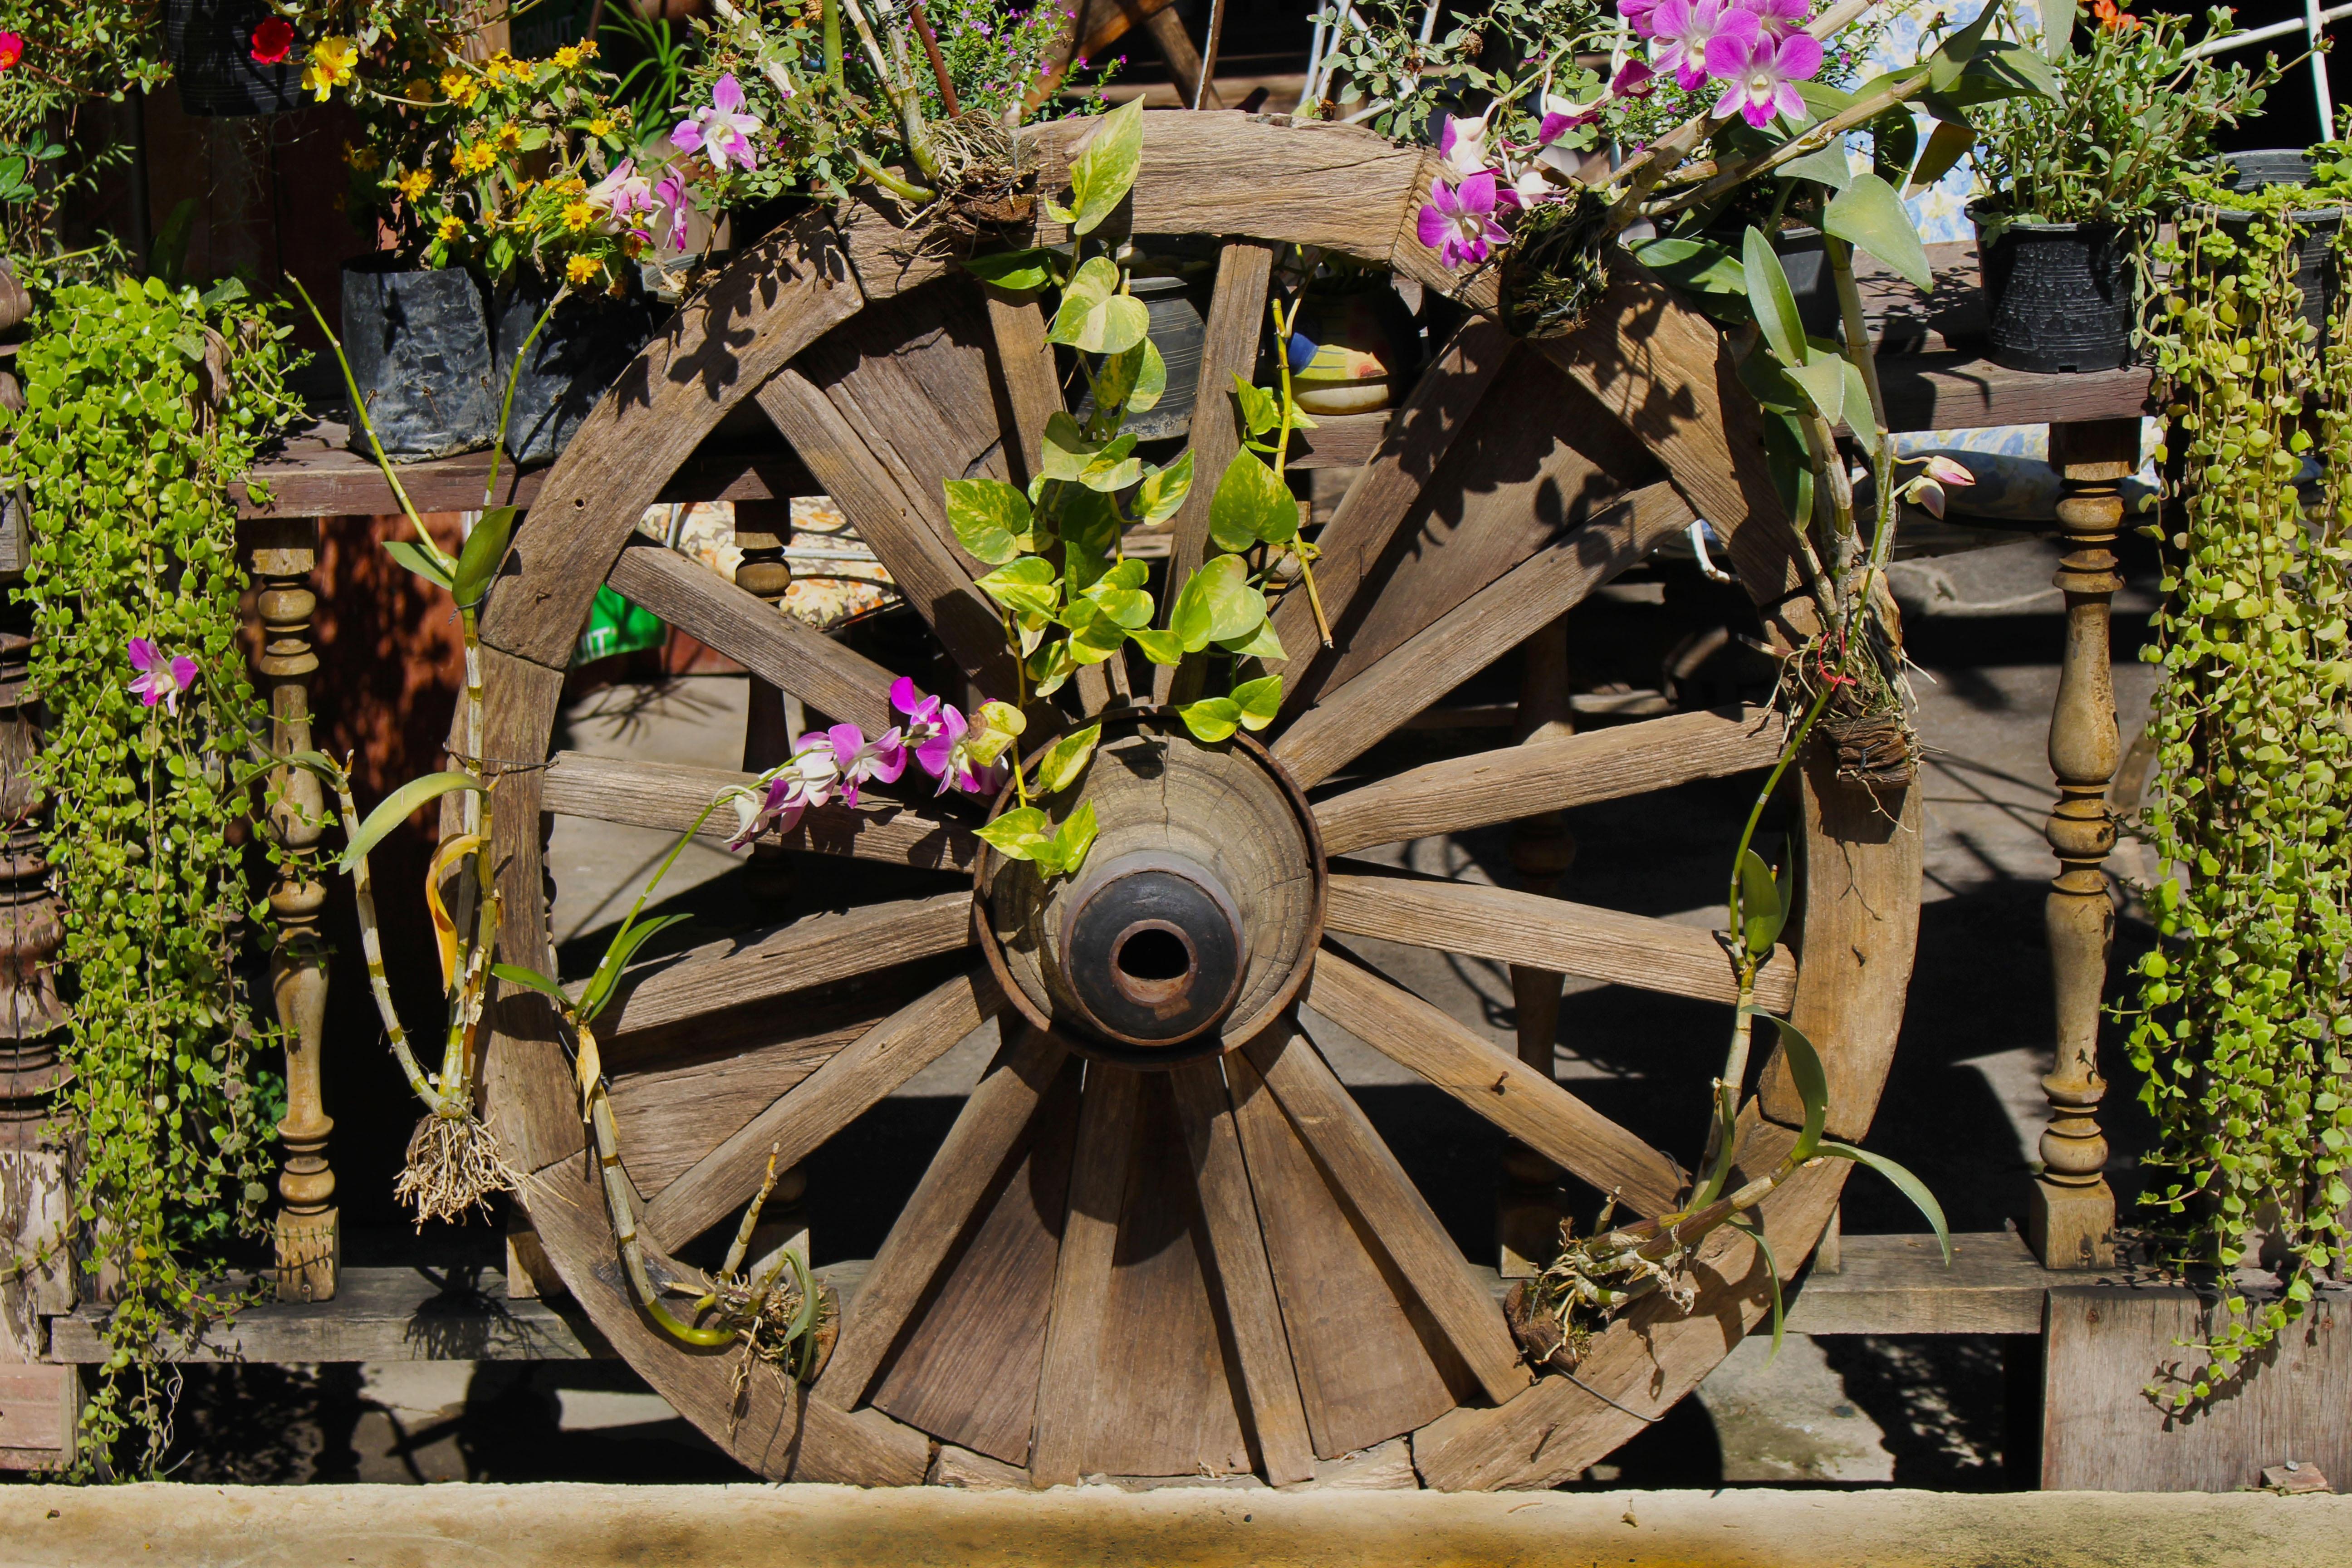 Fotos gratis : granja, vendimia, antiguo, Retro, redondo, flor ...